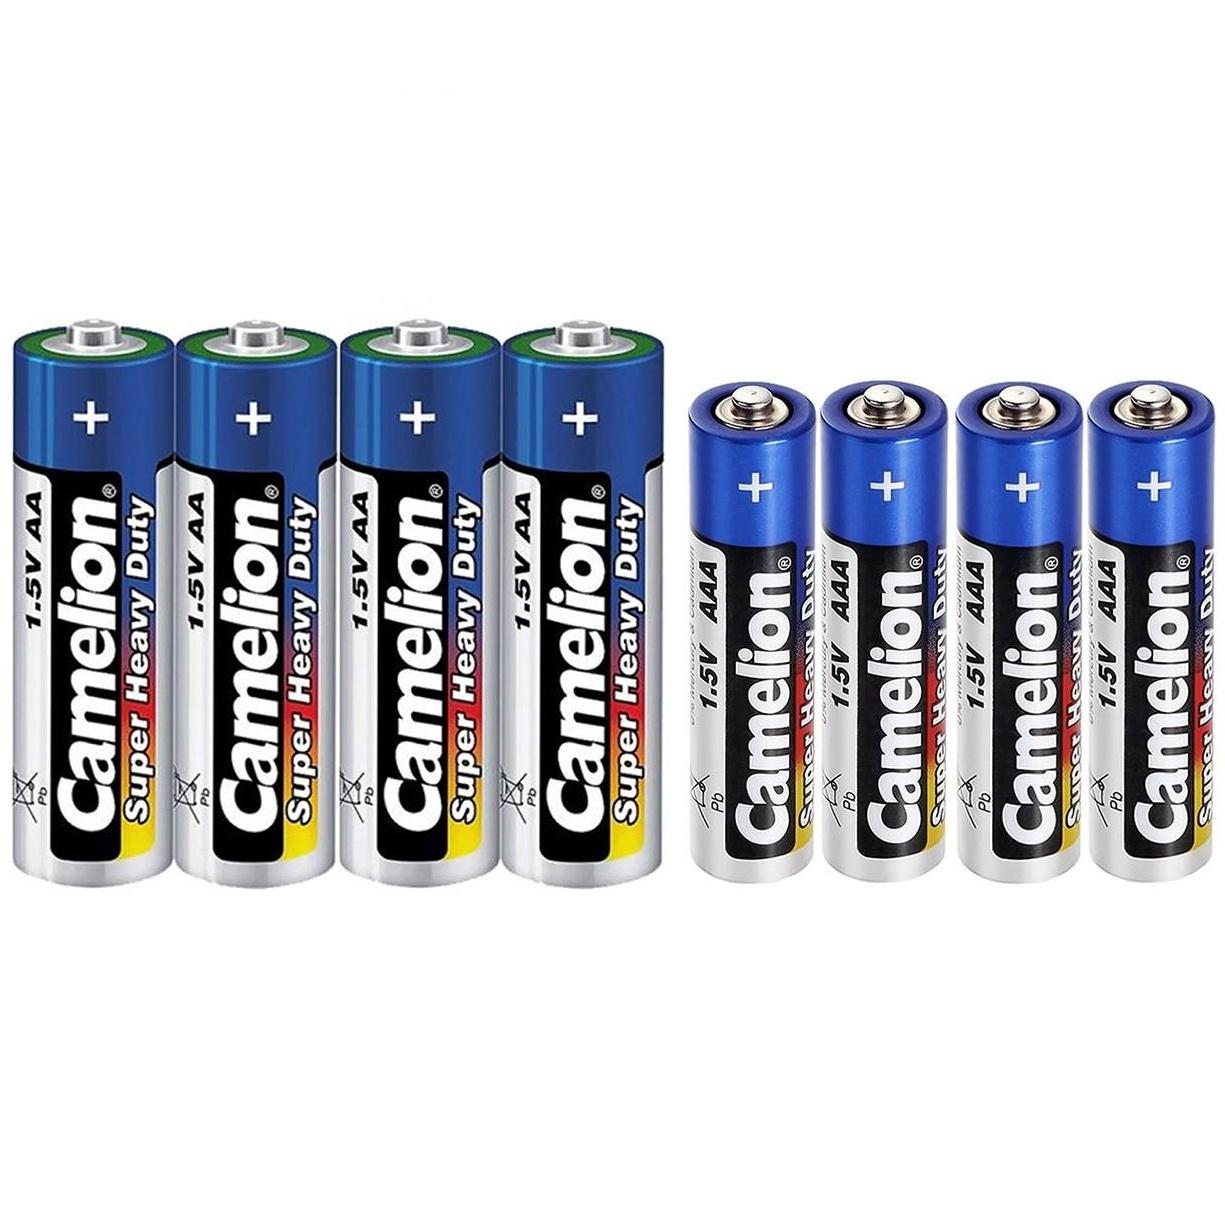 باتری قلمی و نیم قلمی کملیون مدل Super Heavy Duty  کد 02 مجموعه 8 عددی